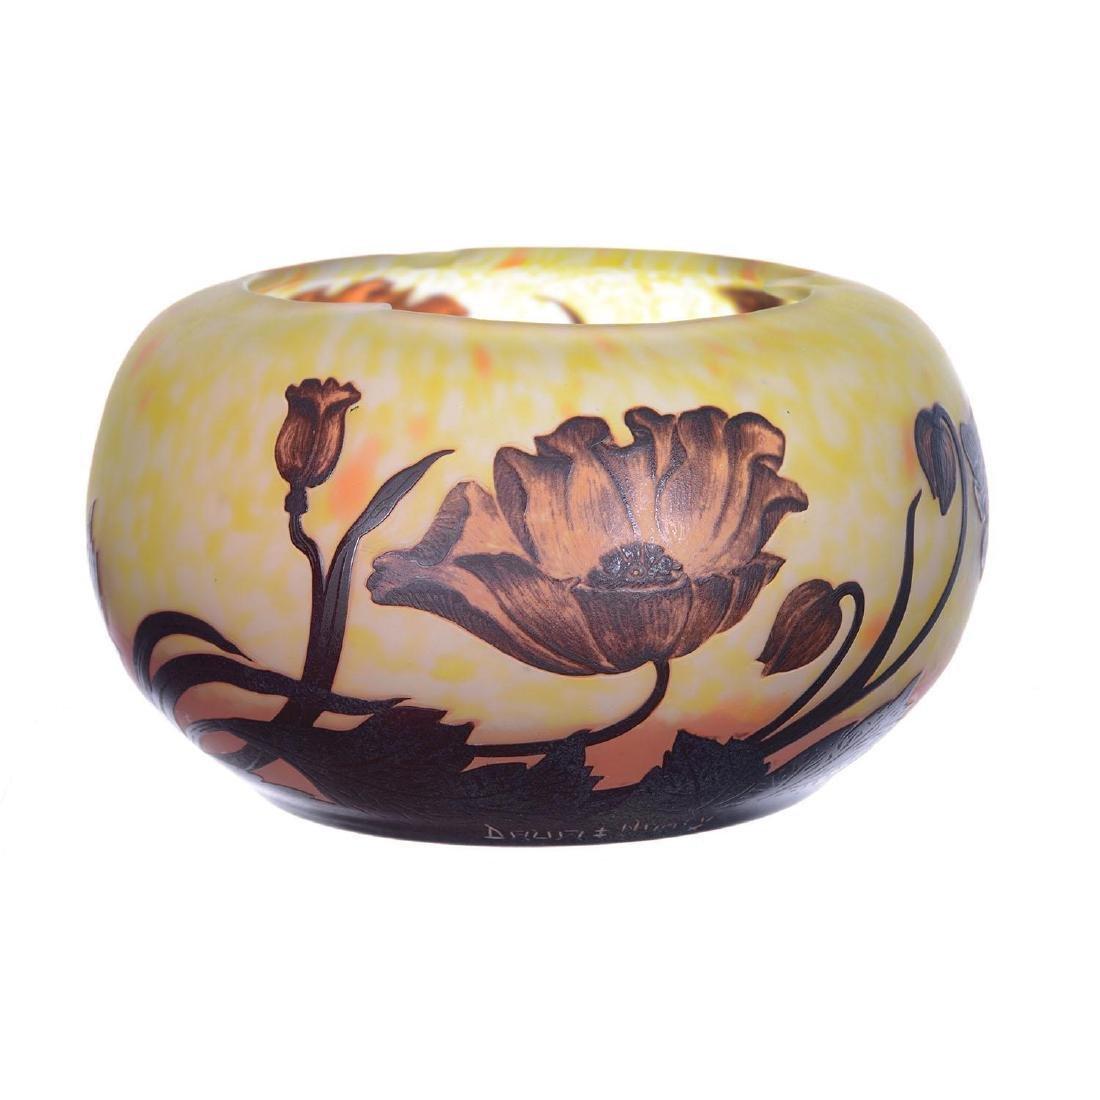 Signed Daum Nancy French Cameo Art Glass Bowl